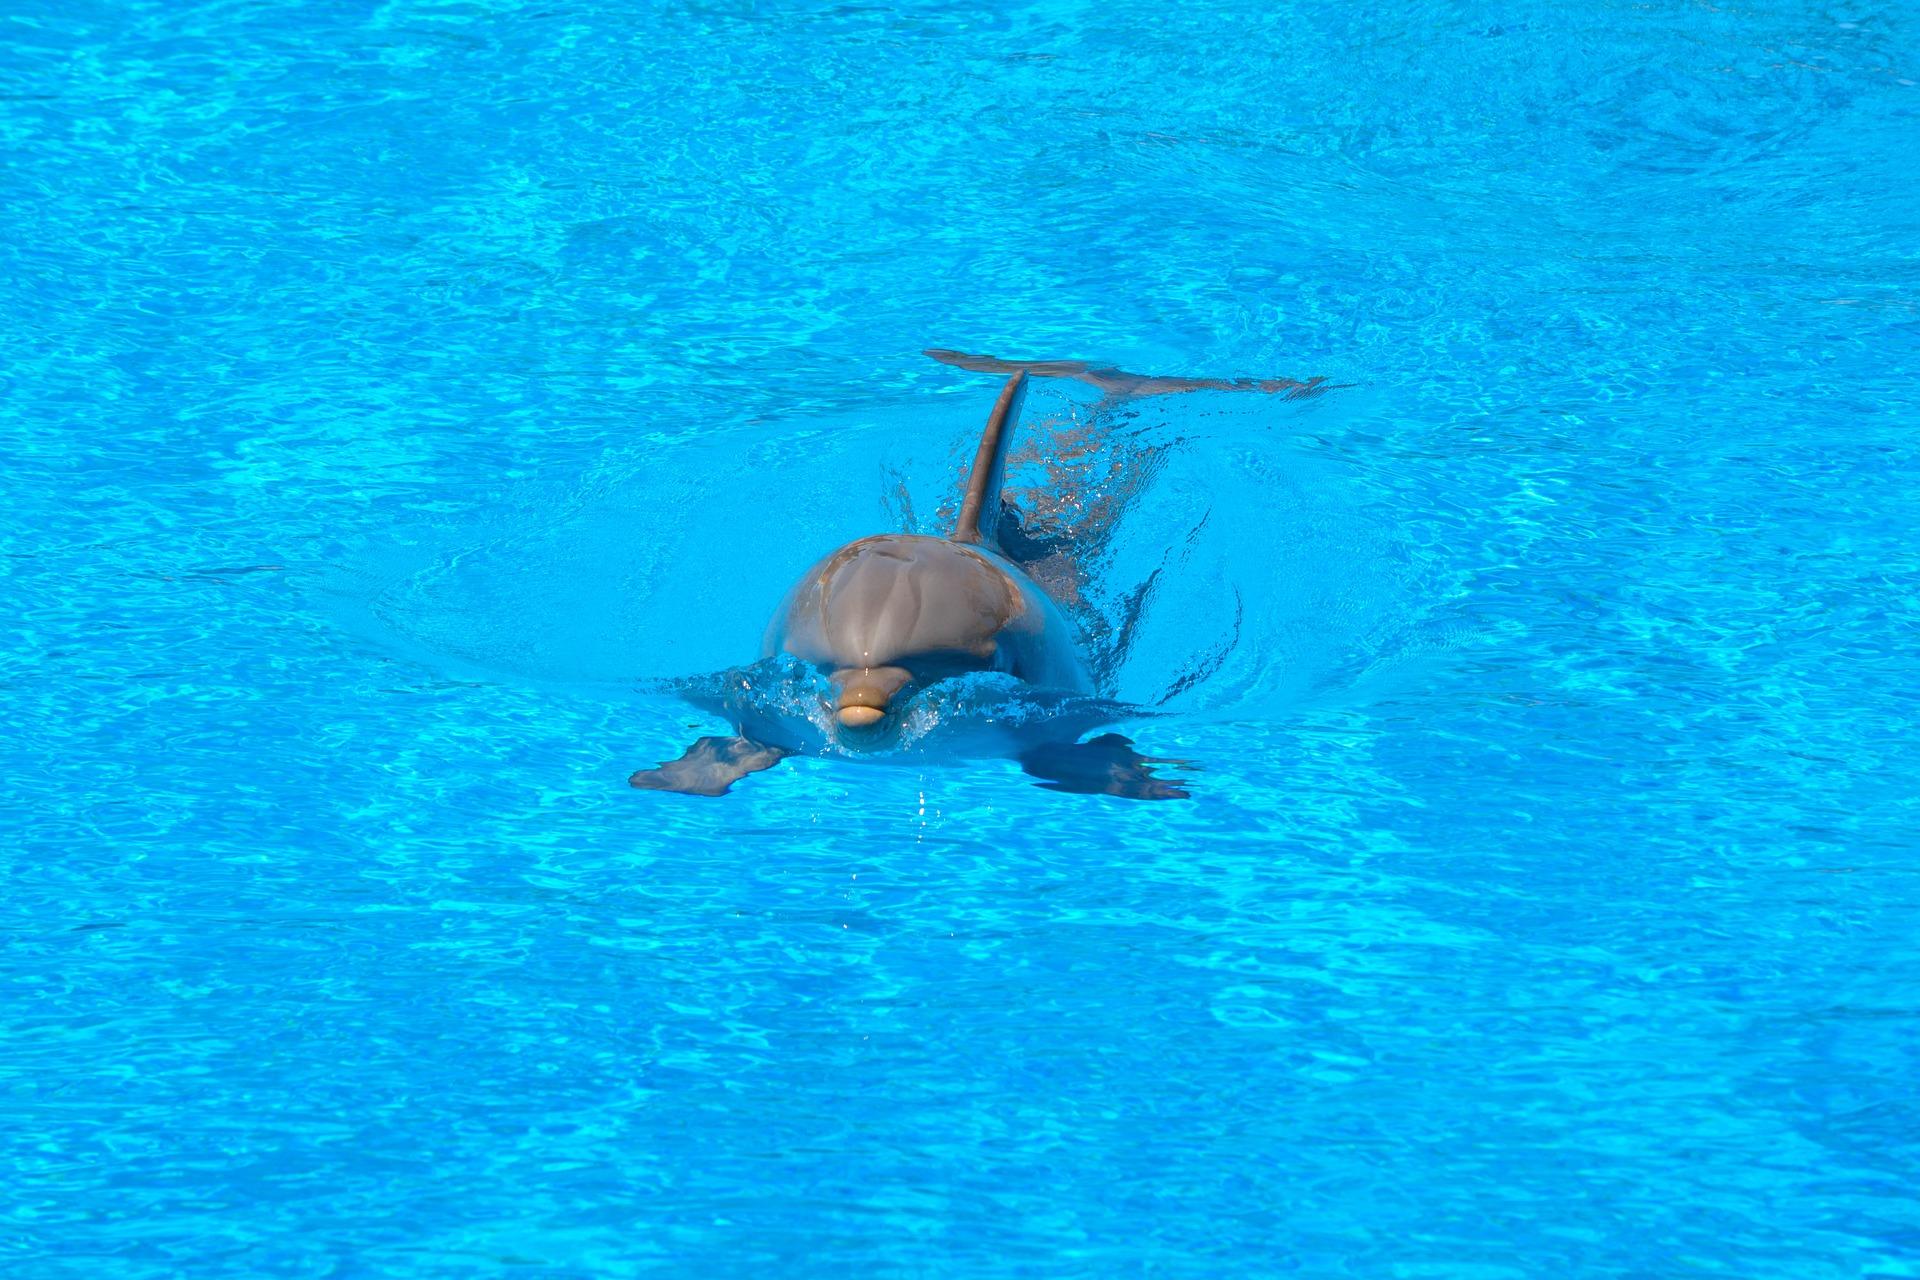 Dauphin, piscine, eau, nager, Bleu - Fonds d'écran HD - Professor-falken.com